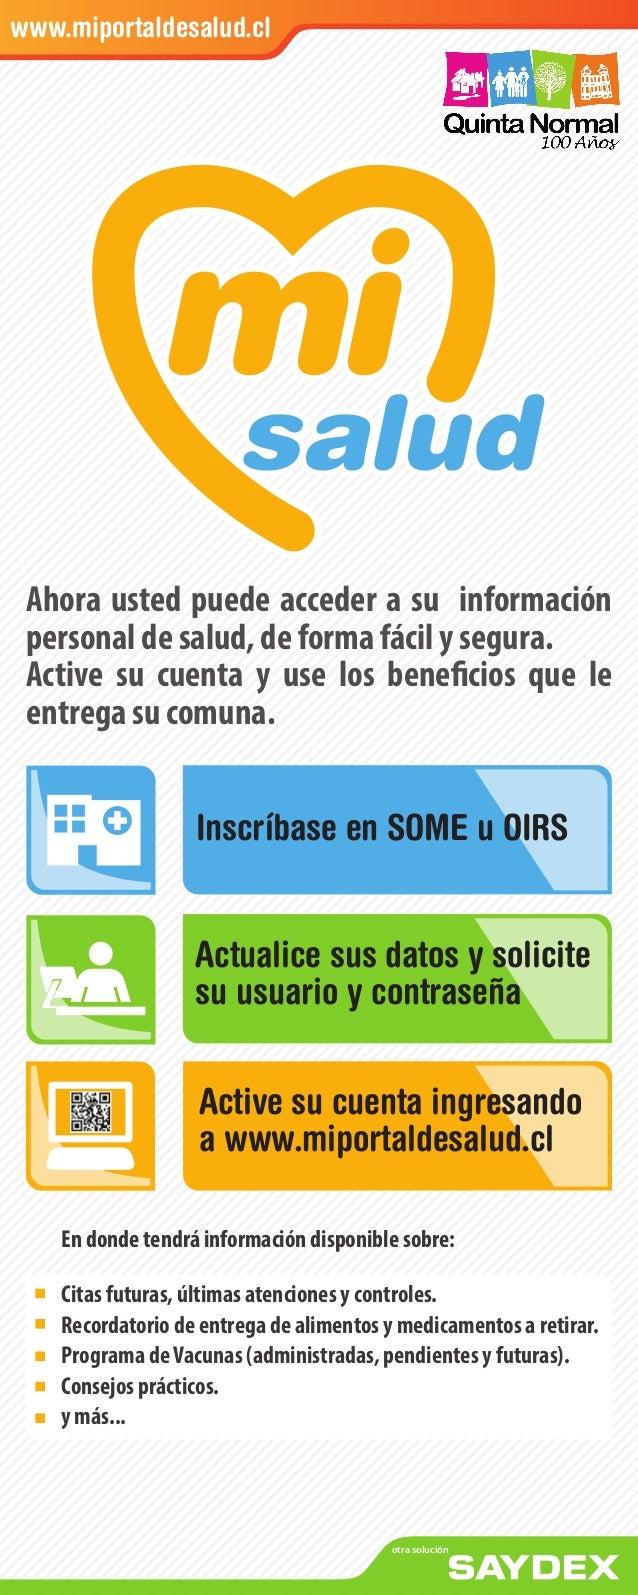 Actualice sus datos y solicite su usuario y contraseña Inscríbase en SOME u OIRS Active su cuenta ingresando a www.miporta...